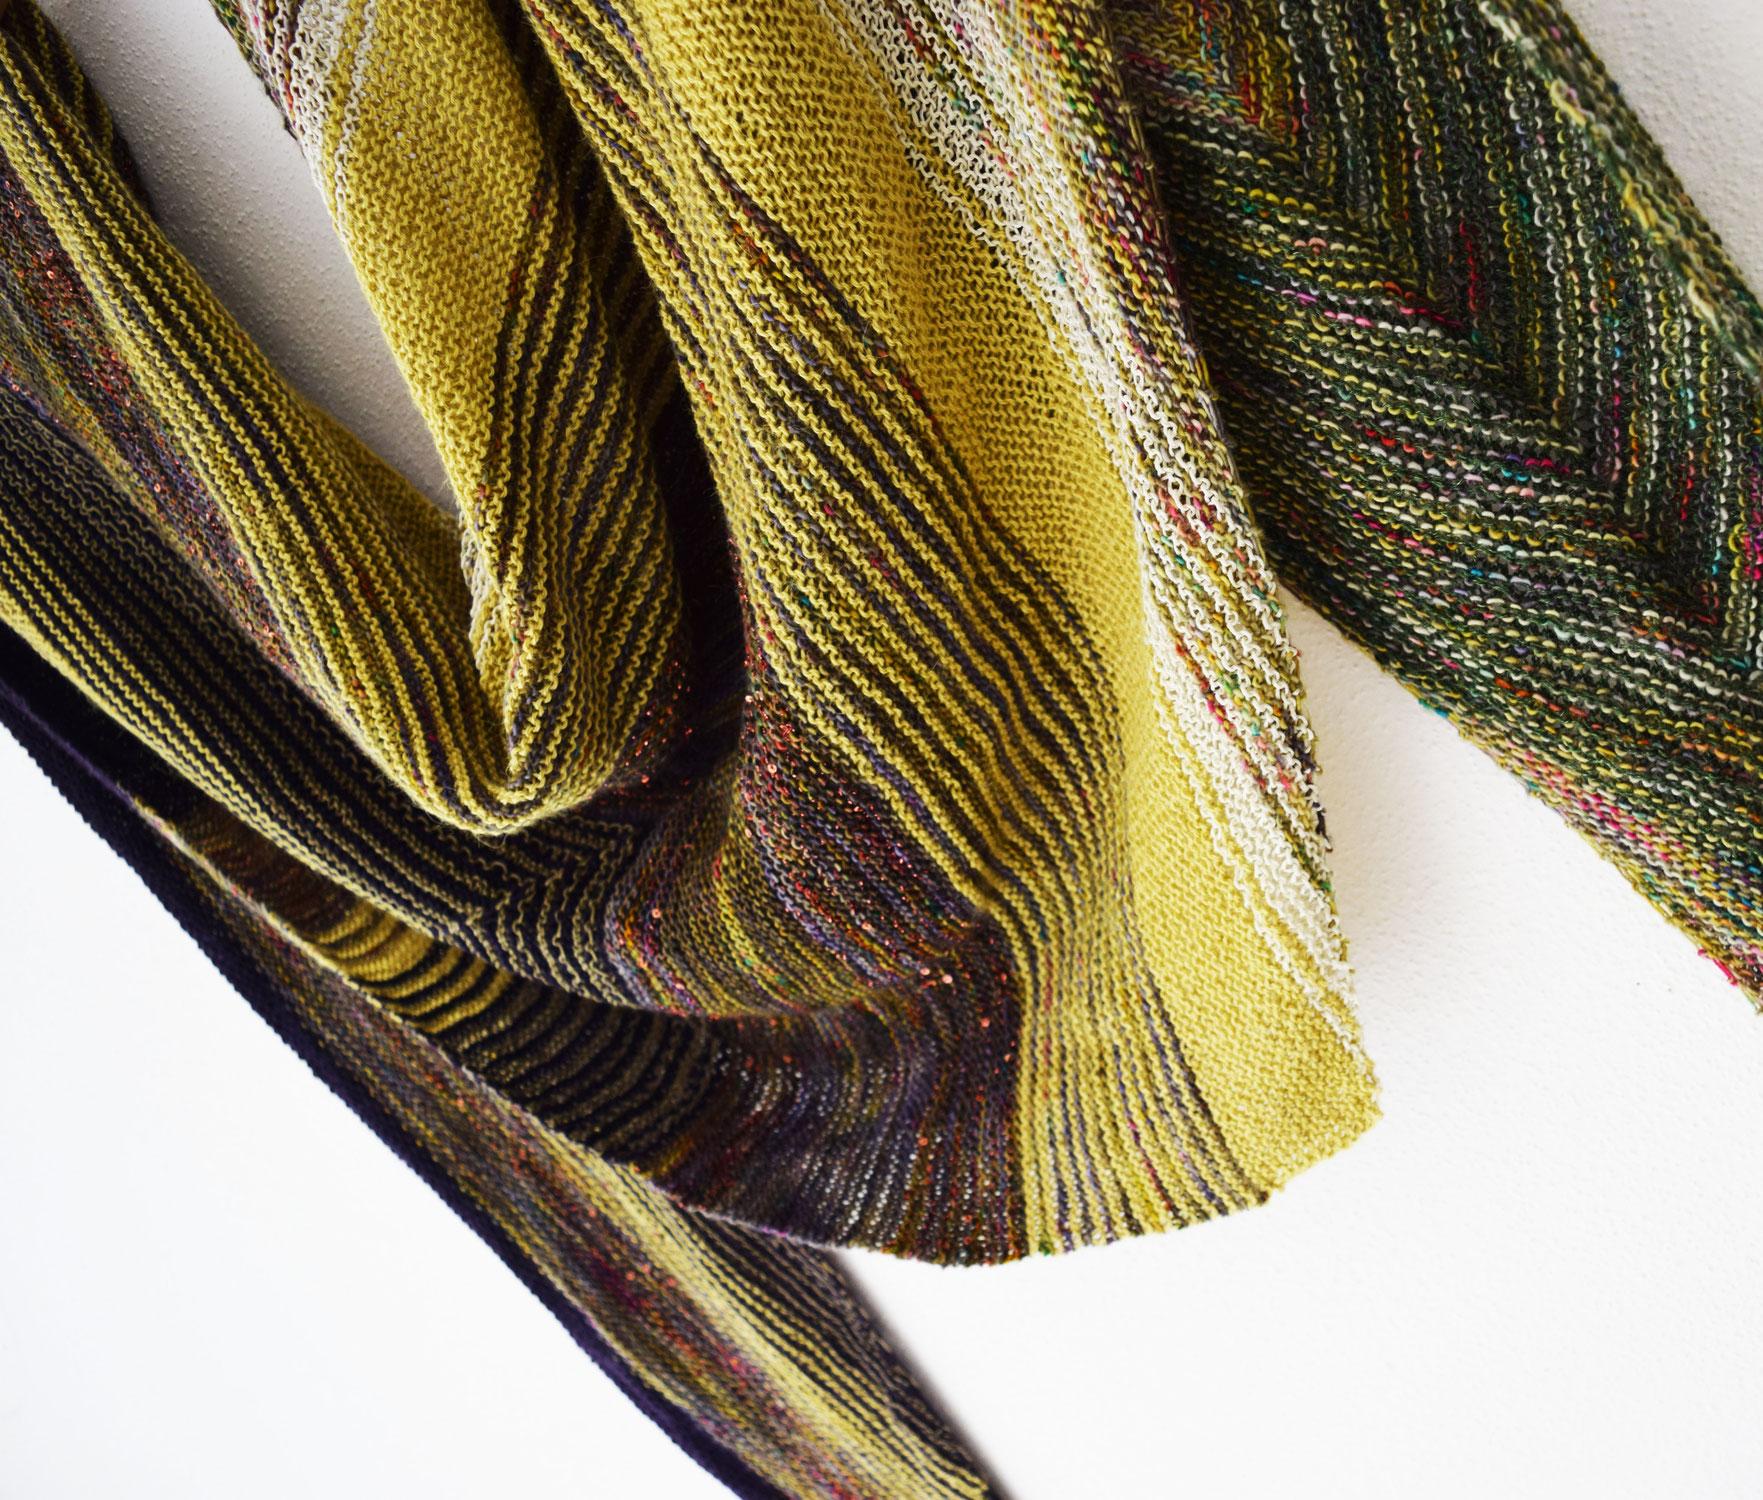 new style 7eaf9 85550 Tücher - Wolle & Schönes